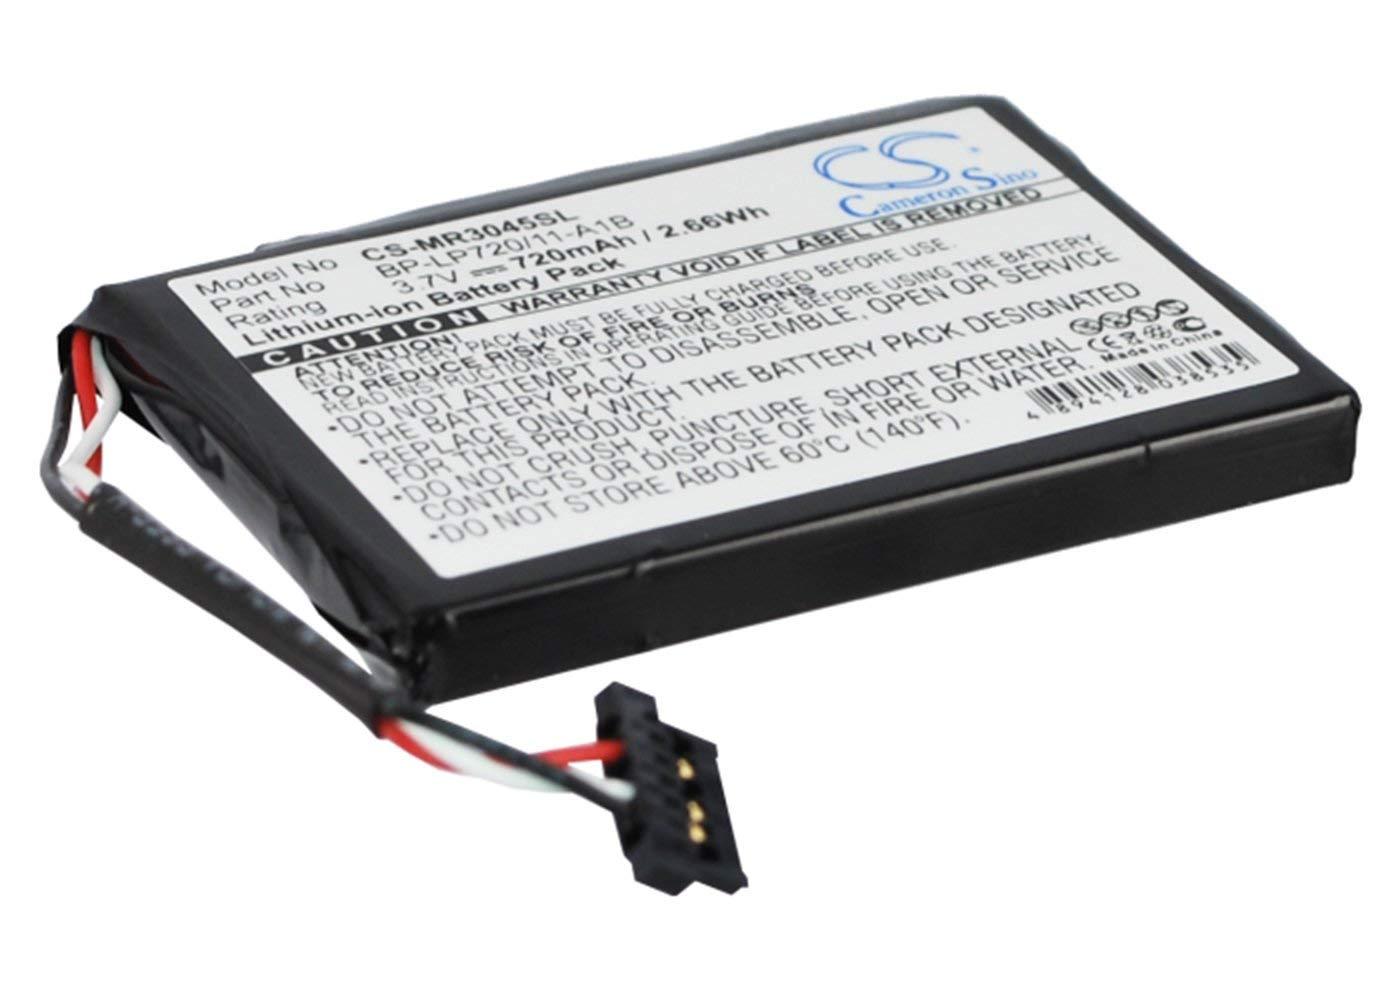 RoadMate 3045-MU, RoadMate 3045-LM VINTRONS 720mAh Battery For Magellan RoadMate 3045